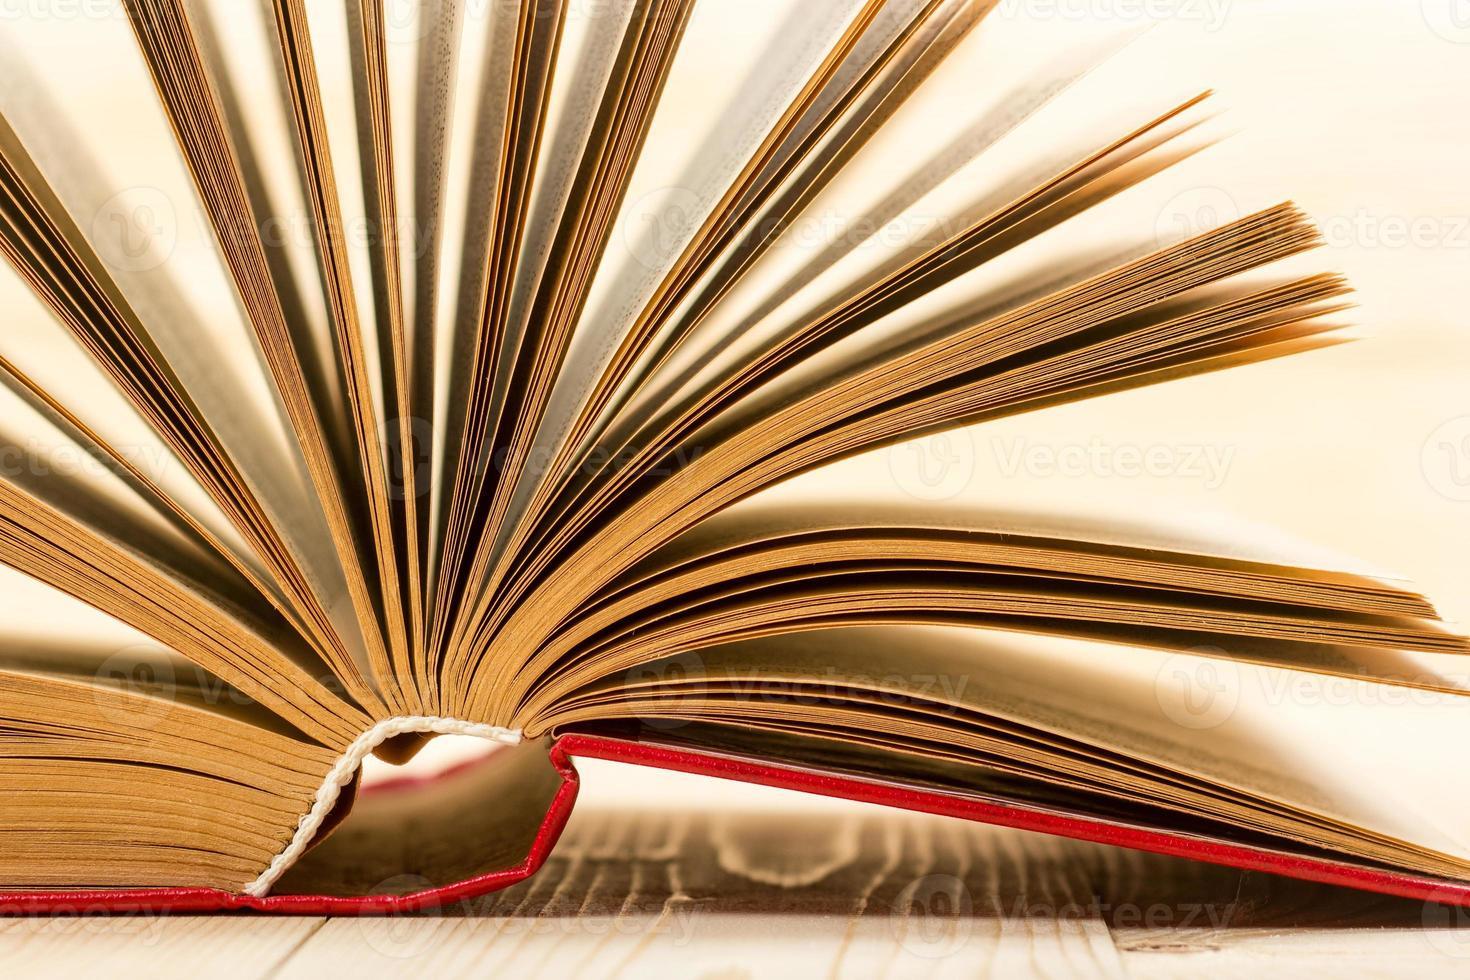 livre ouvert sur table en bois. retour à l'école. copie espace photo